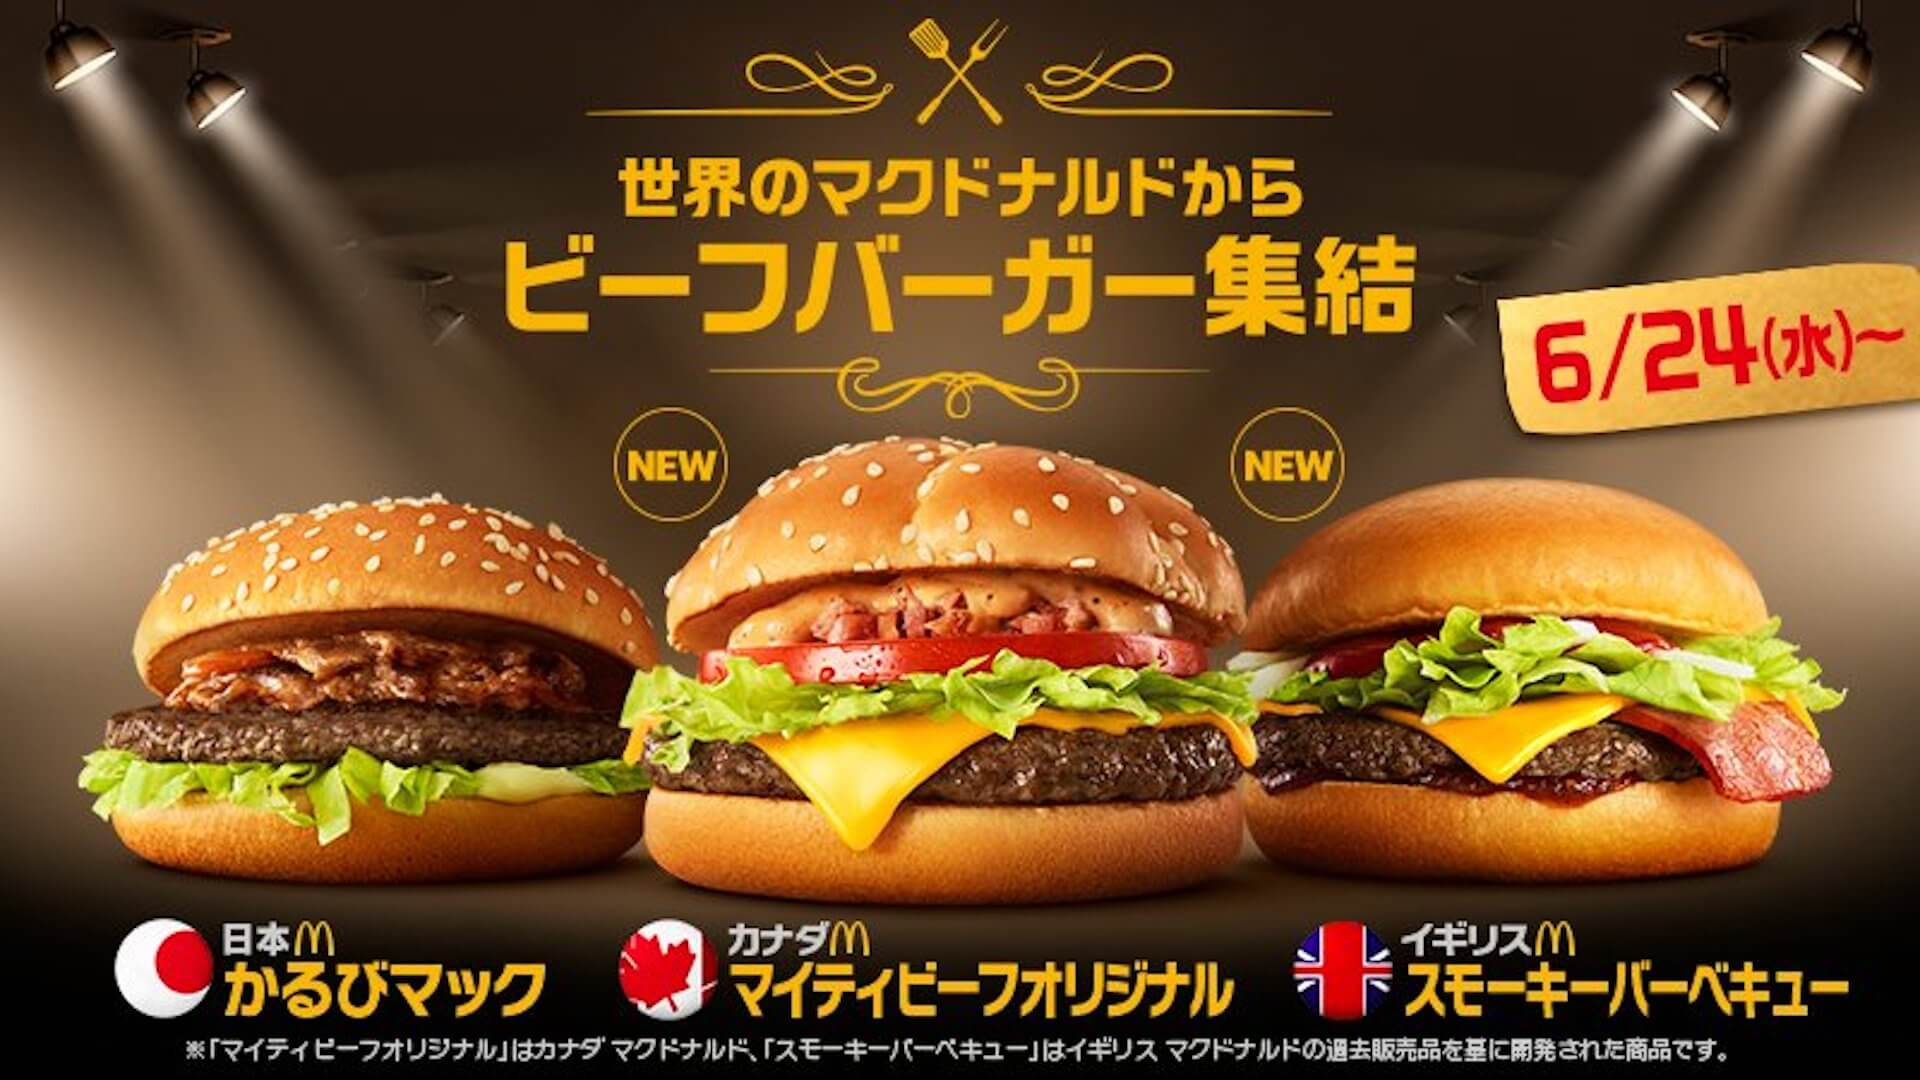 マクドナルドから「かるびマック」「マイティビーフオリジナル」「スモーキーバーベキュー」の3種の肉らしいほどうまいビーフバーガーが期間限定で登場! gourmet200617_mcdonald_1